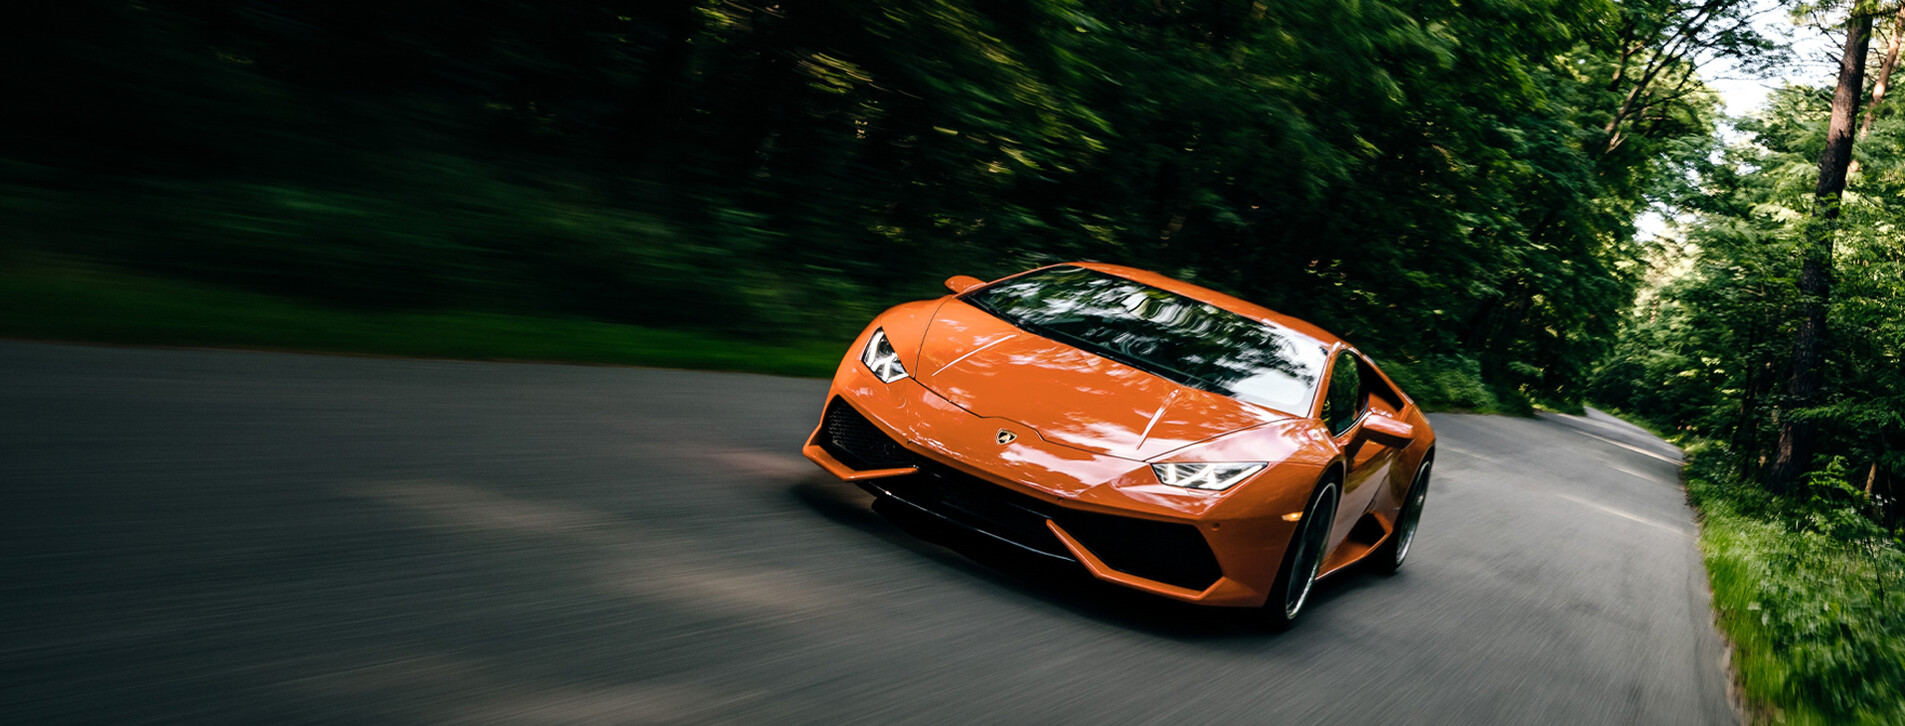 Фото 1 - Тест-драйв суперкара Lamborghini